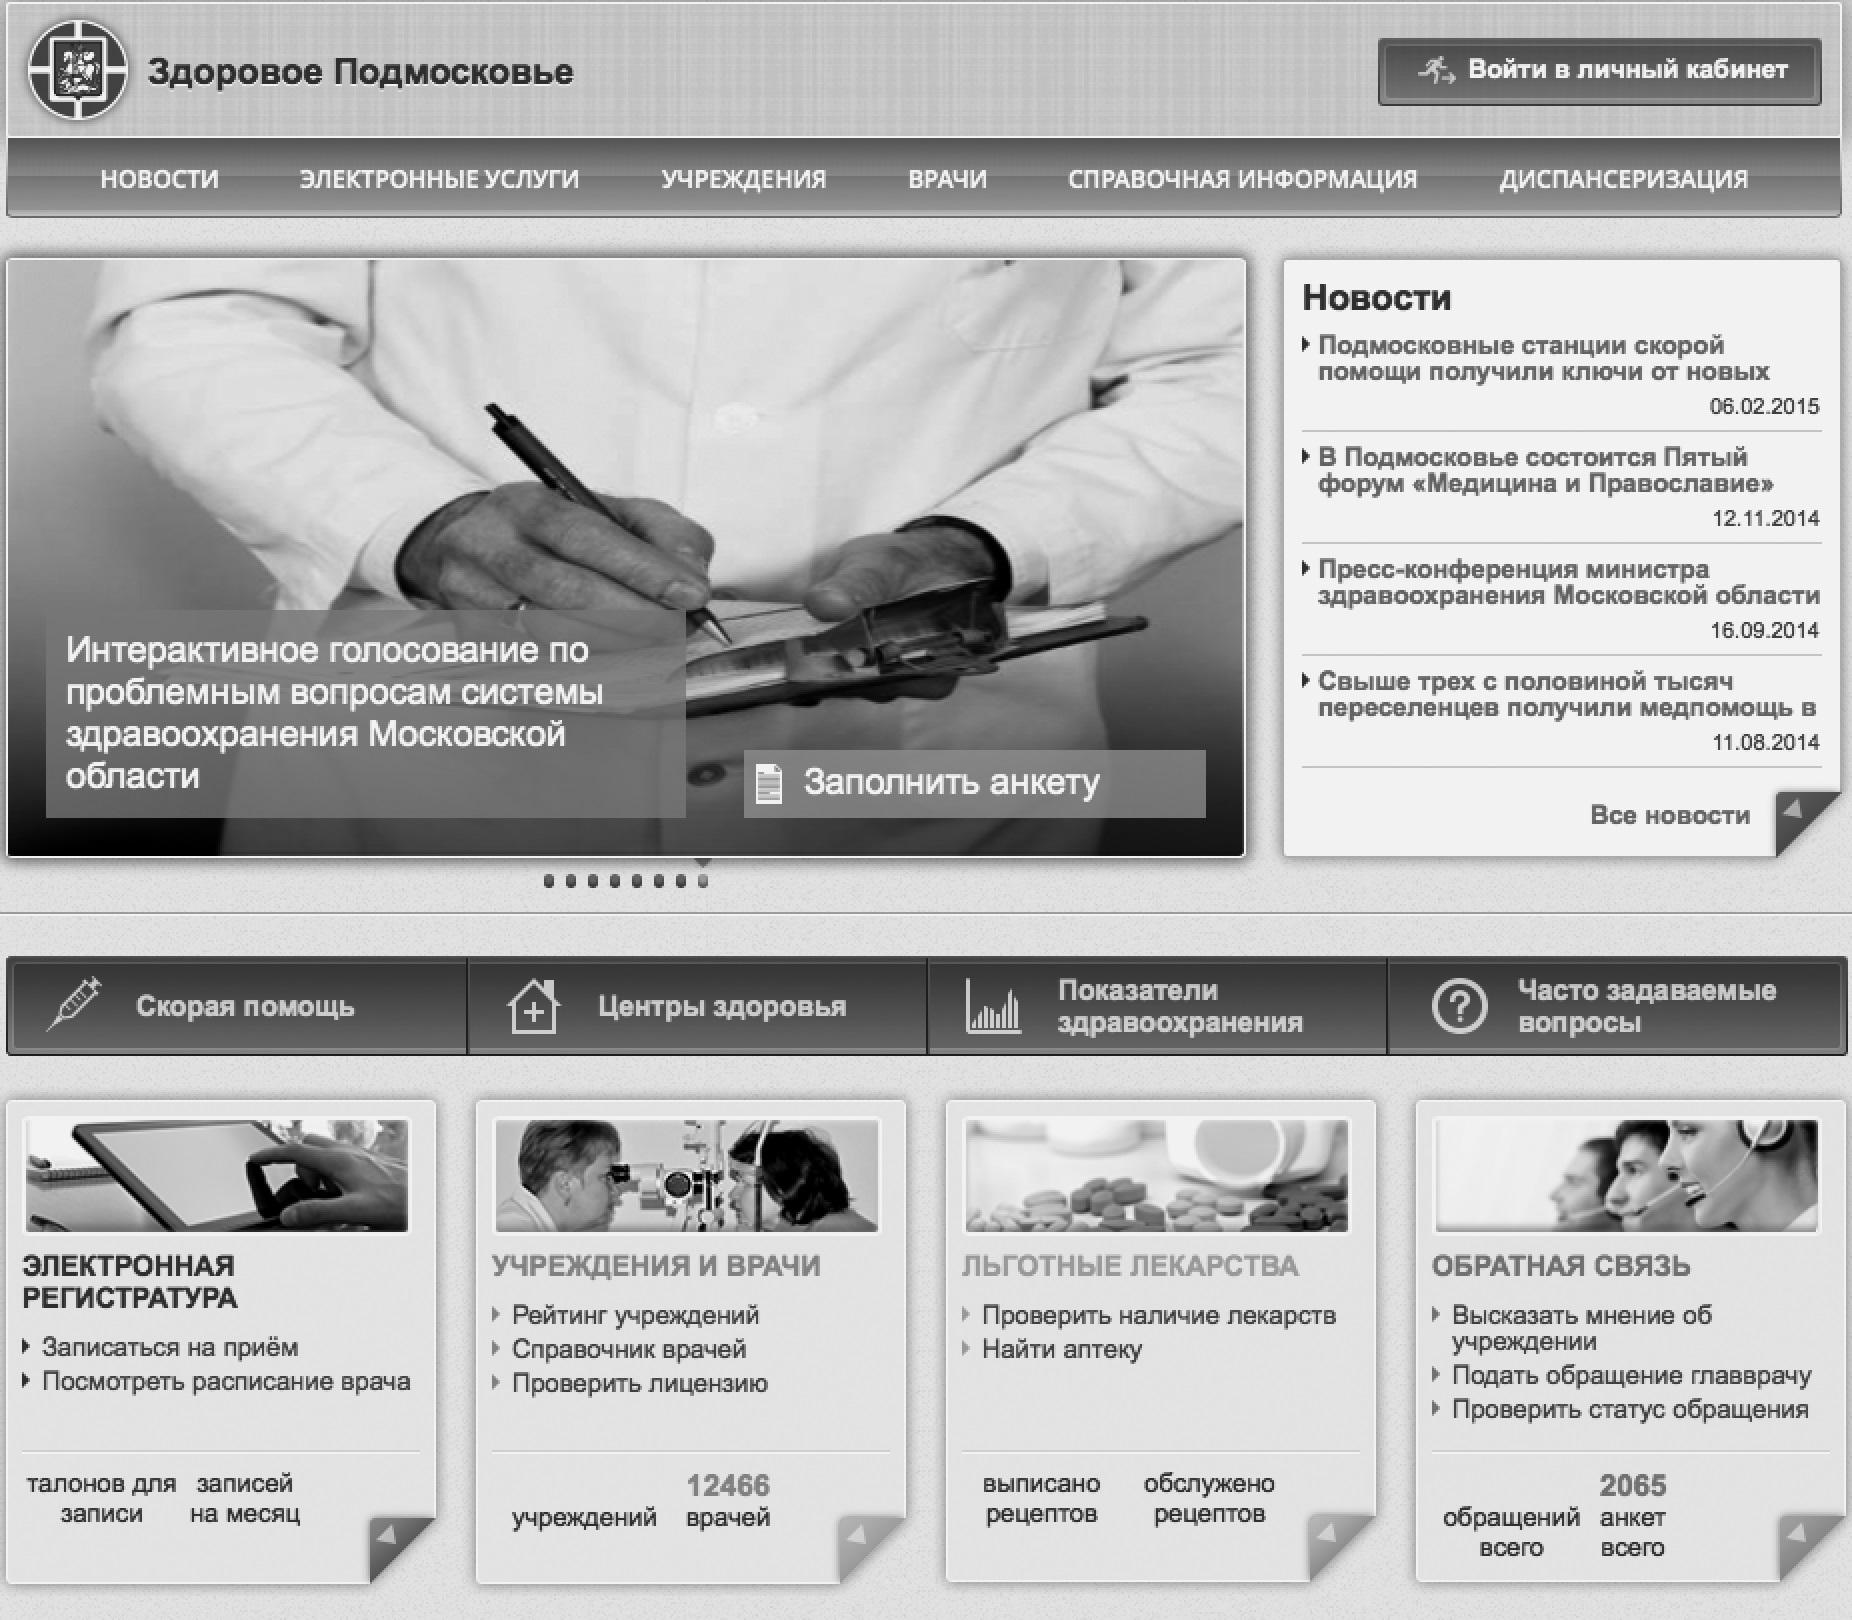 схема клинической истории болезни по урологии